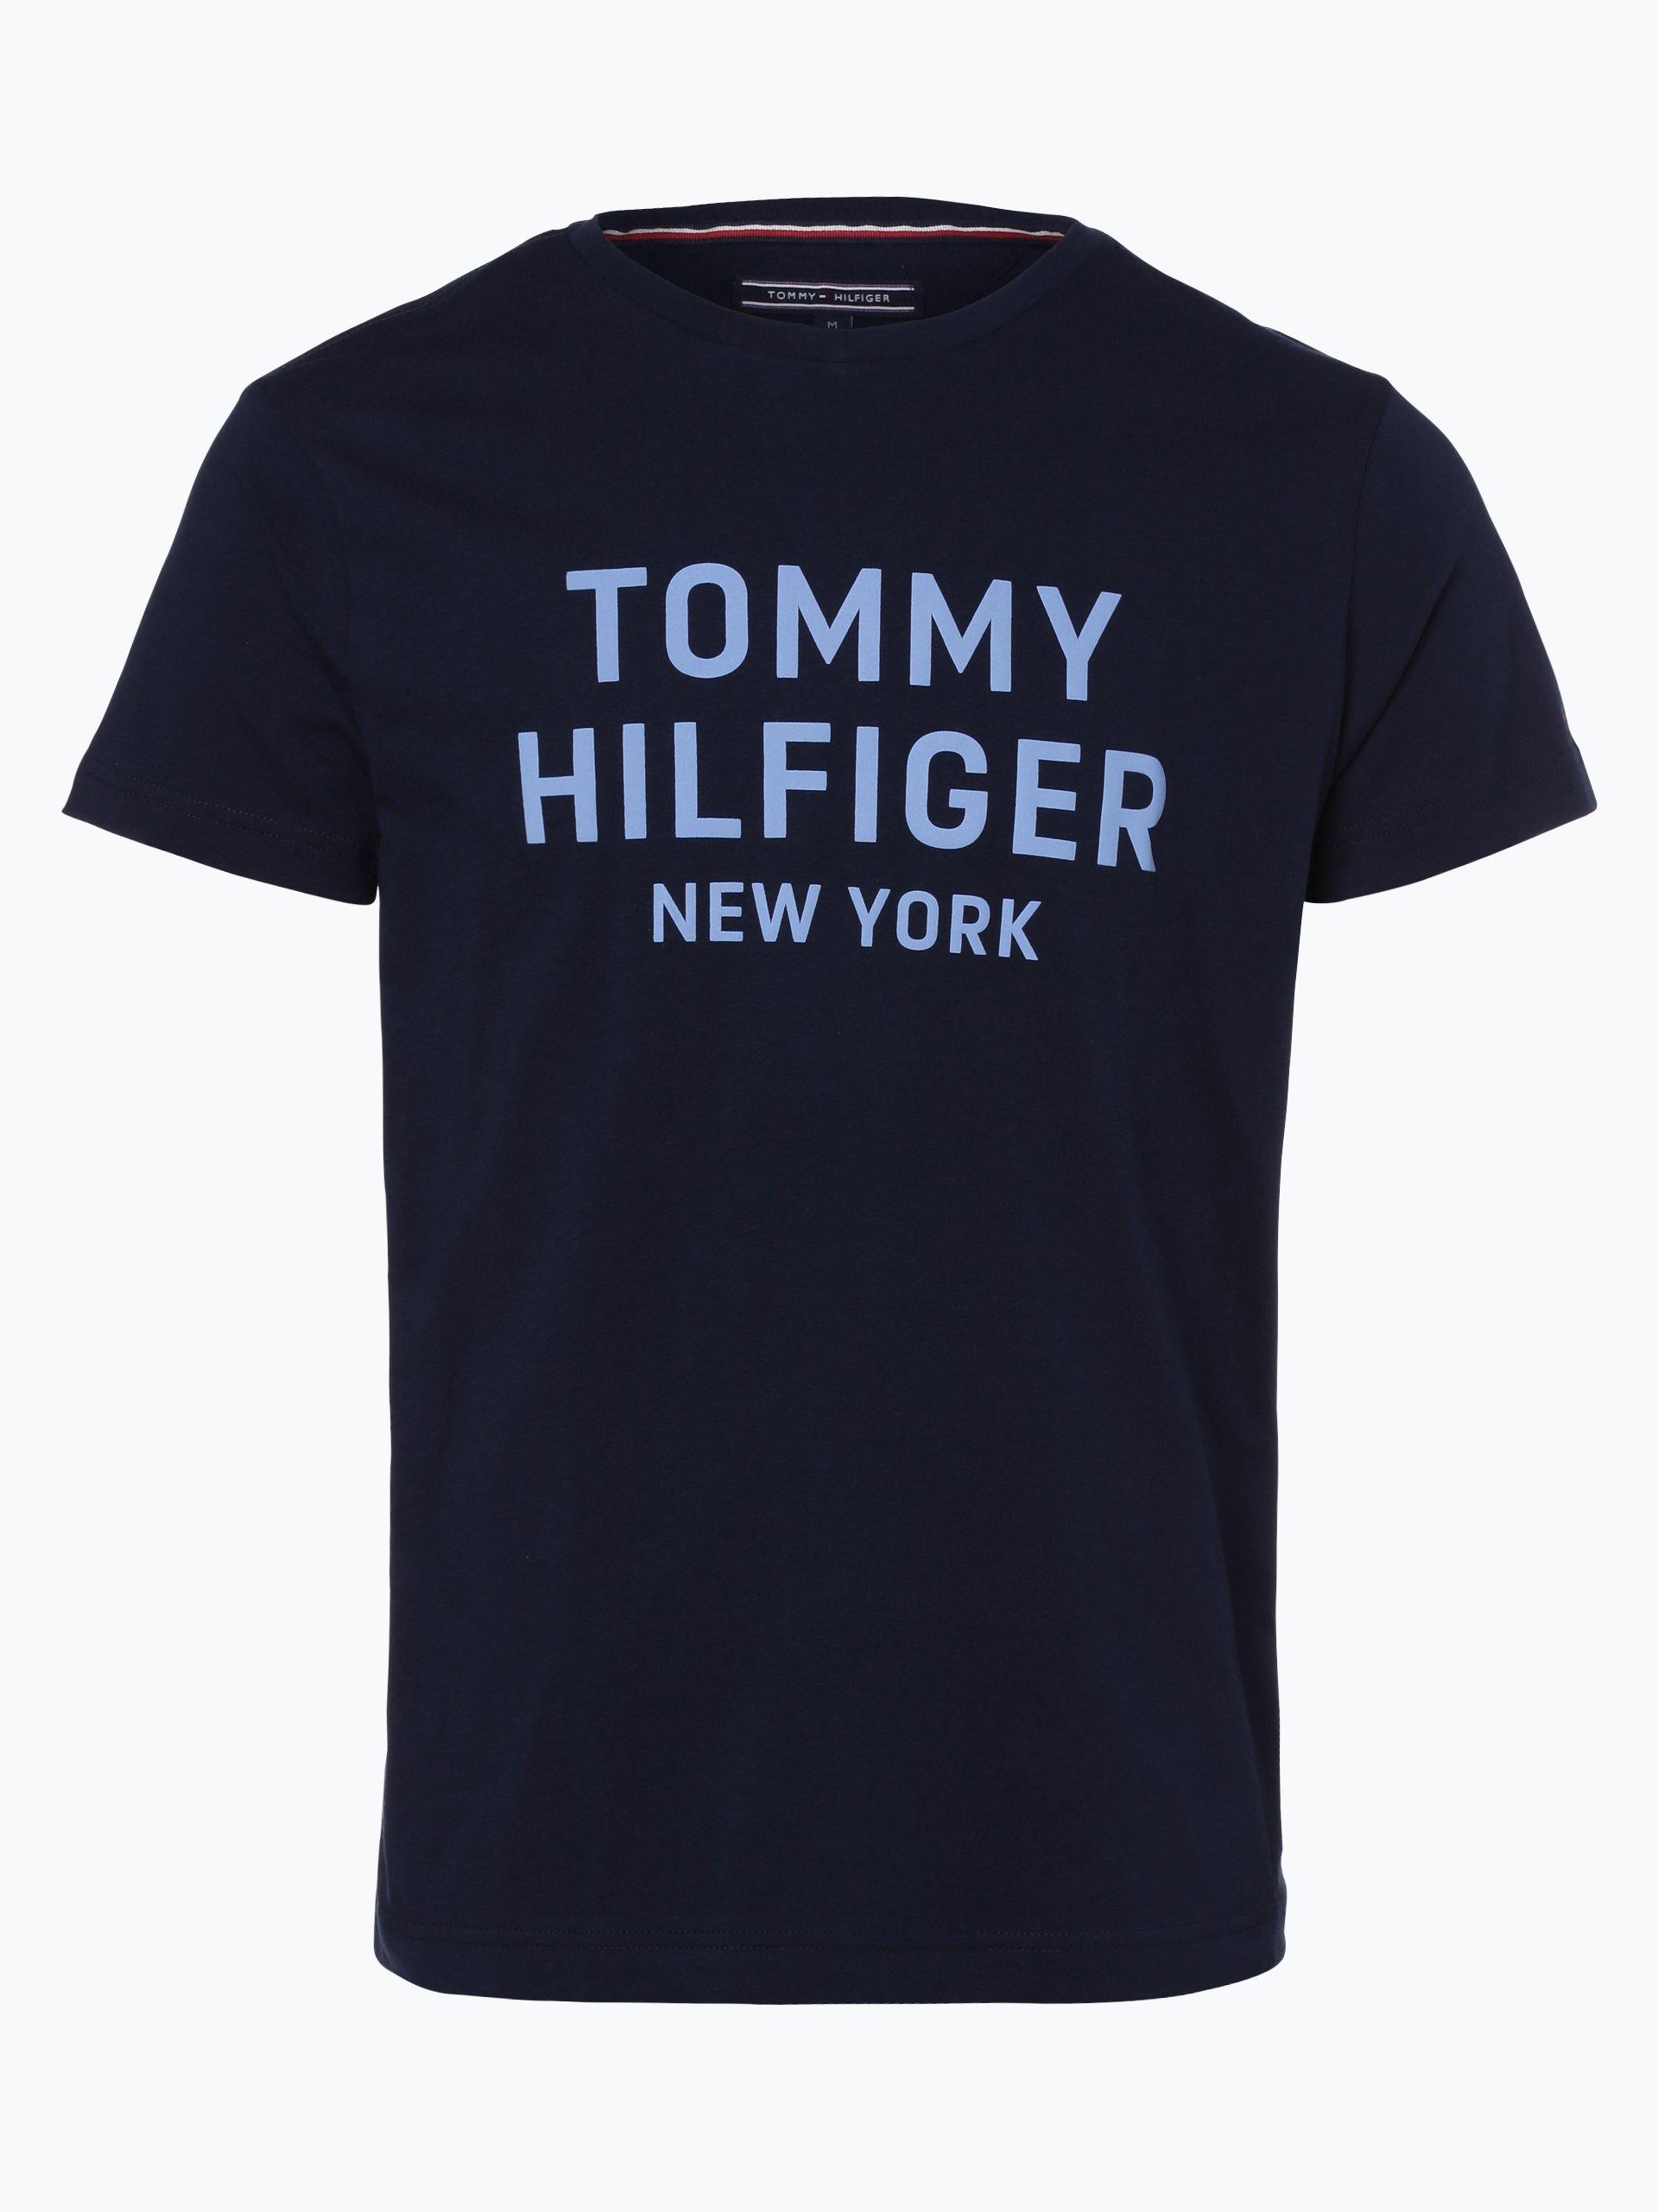 Tommy Hilfiger Herren T-Shirt online kaufen | VANGRAAF.COM